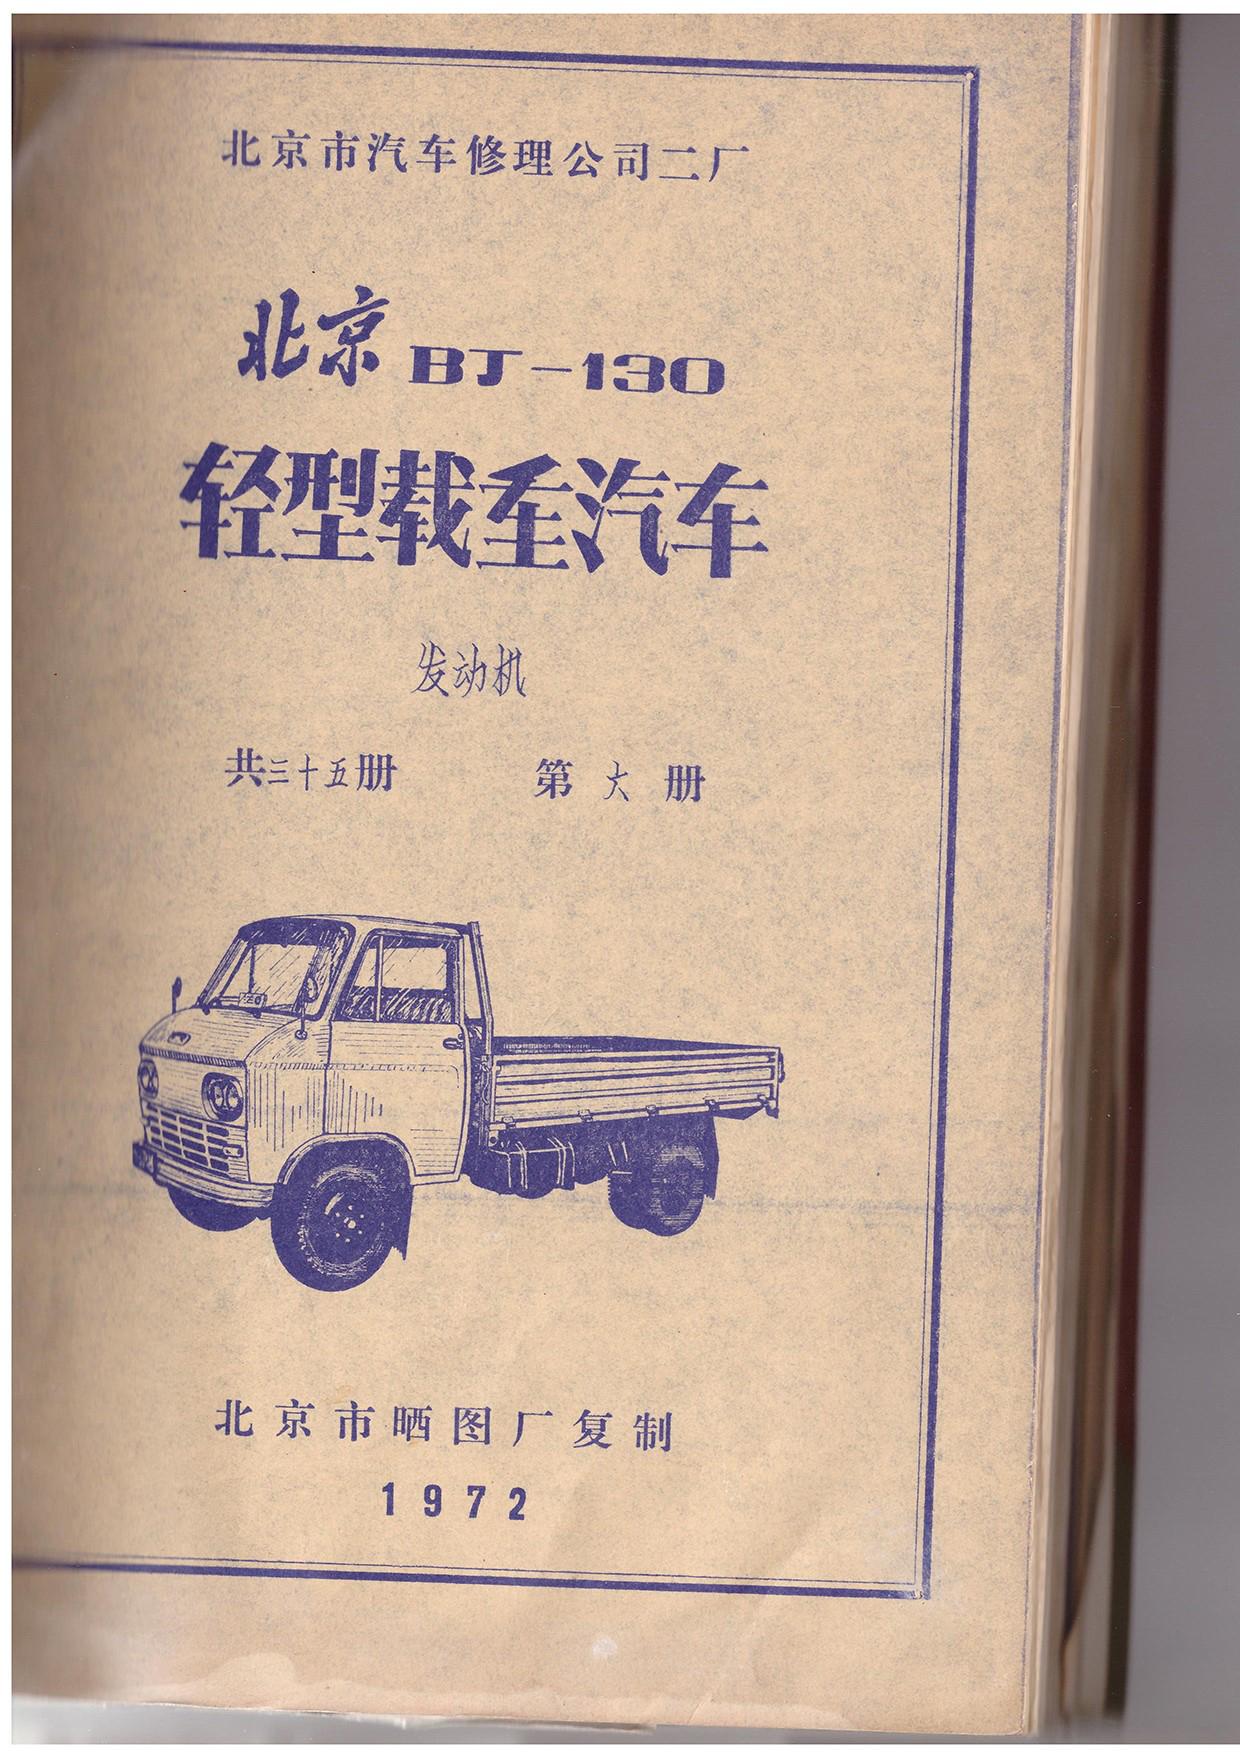 北京BJ-130轻型载重汽车第6册